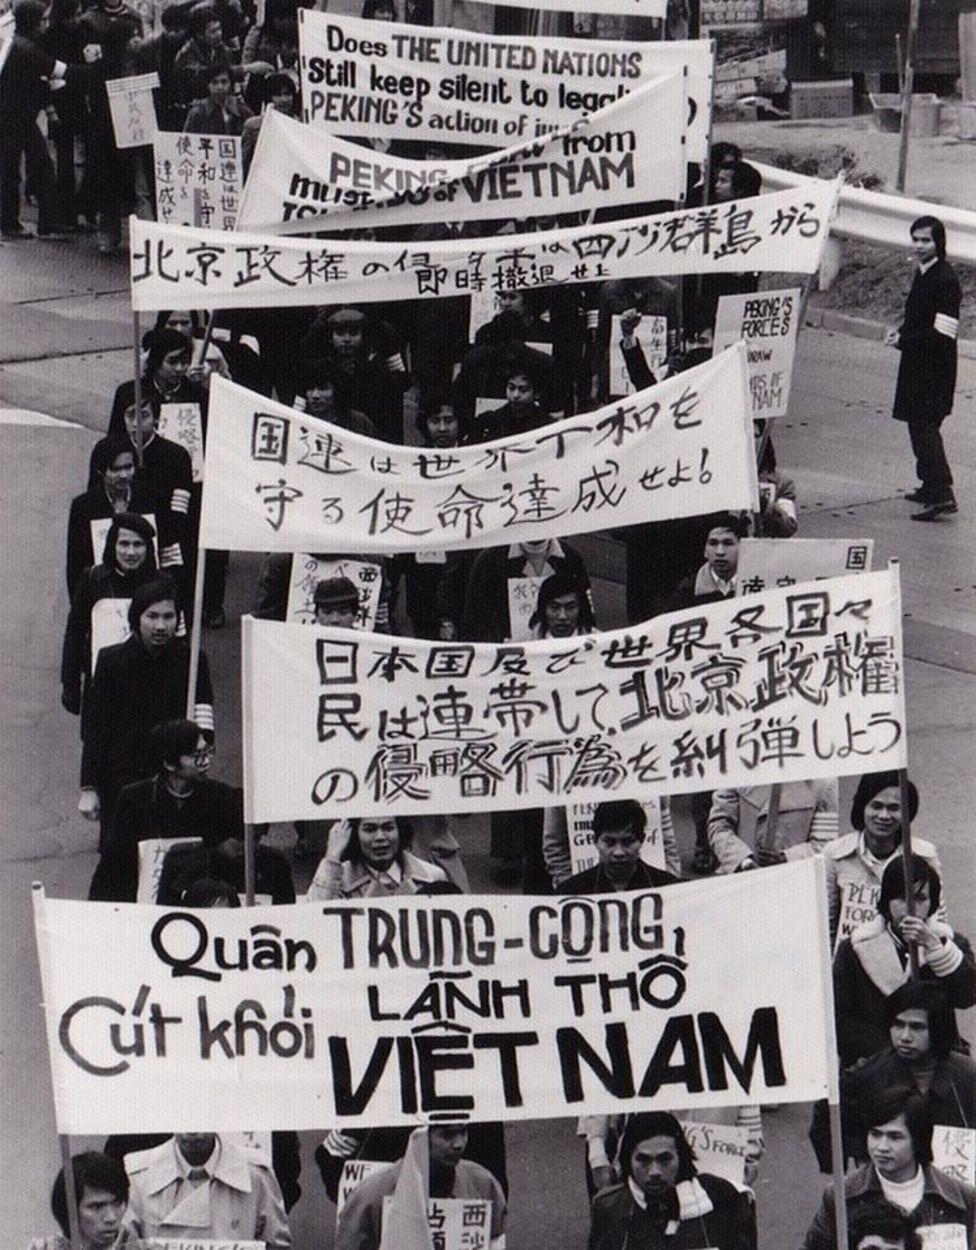 Người ở bìa phải đi bên ngoài giám sát đoàn biểu tình là học giả Đỗ Thông Minh